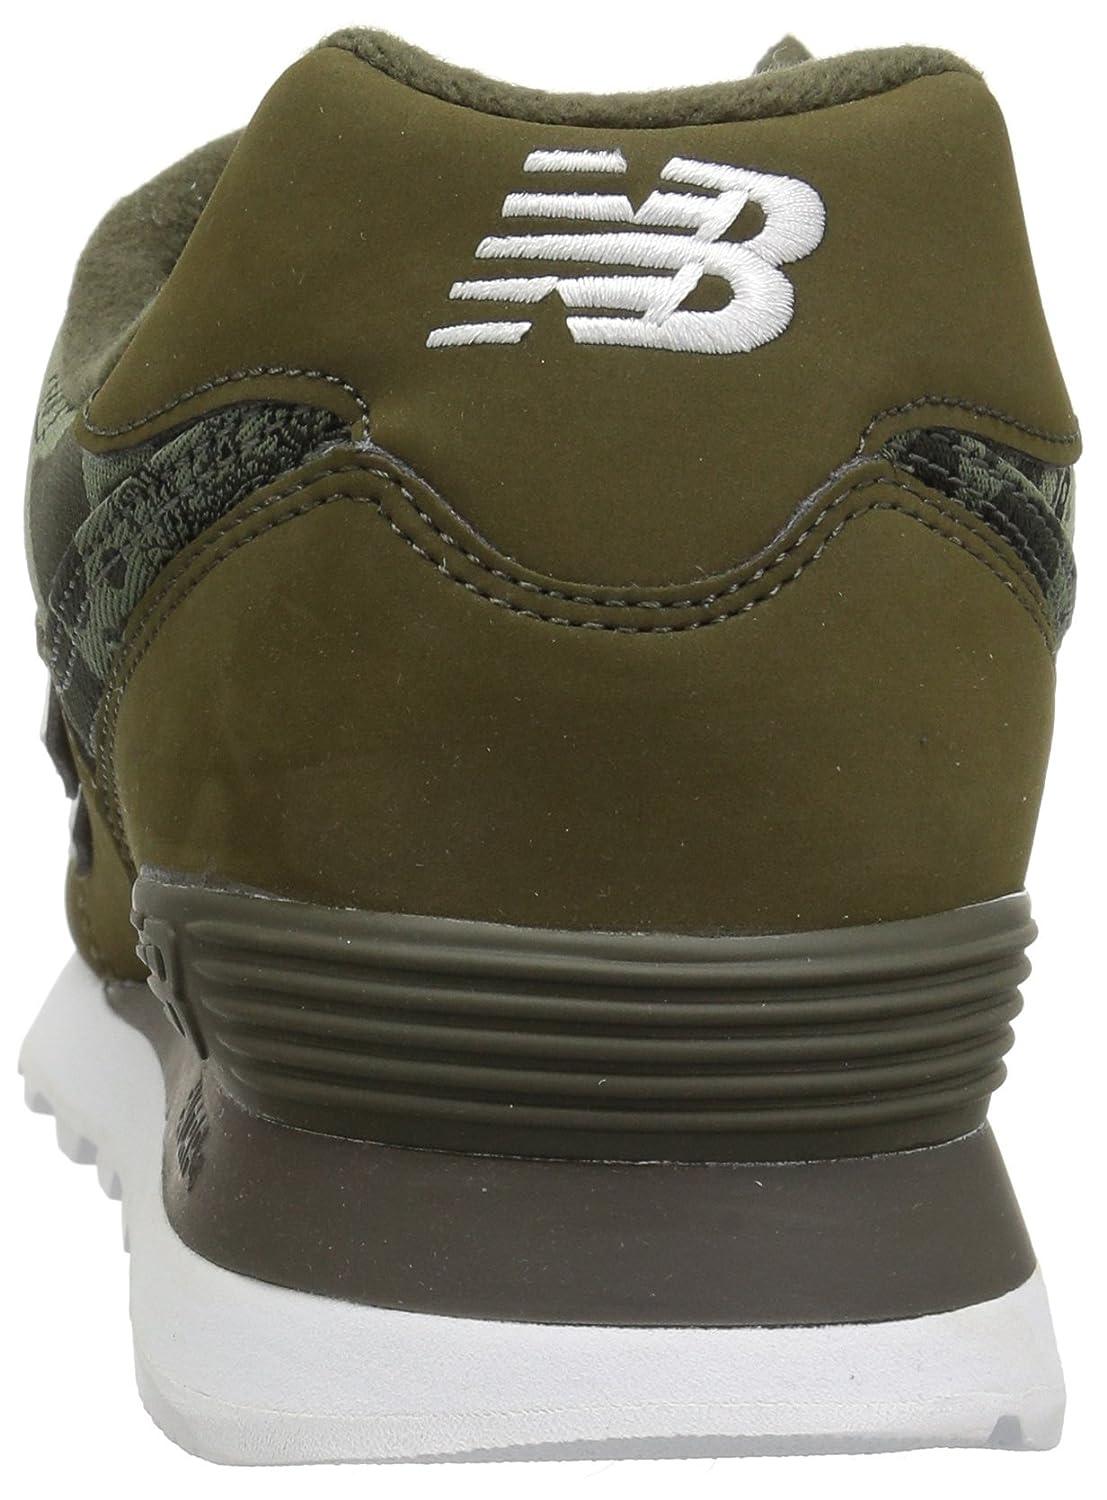 New Balance Men's 574S Sport Sneaker,covert greenwhite,7 2E US